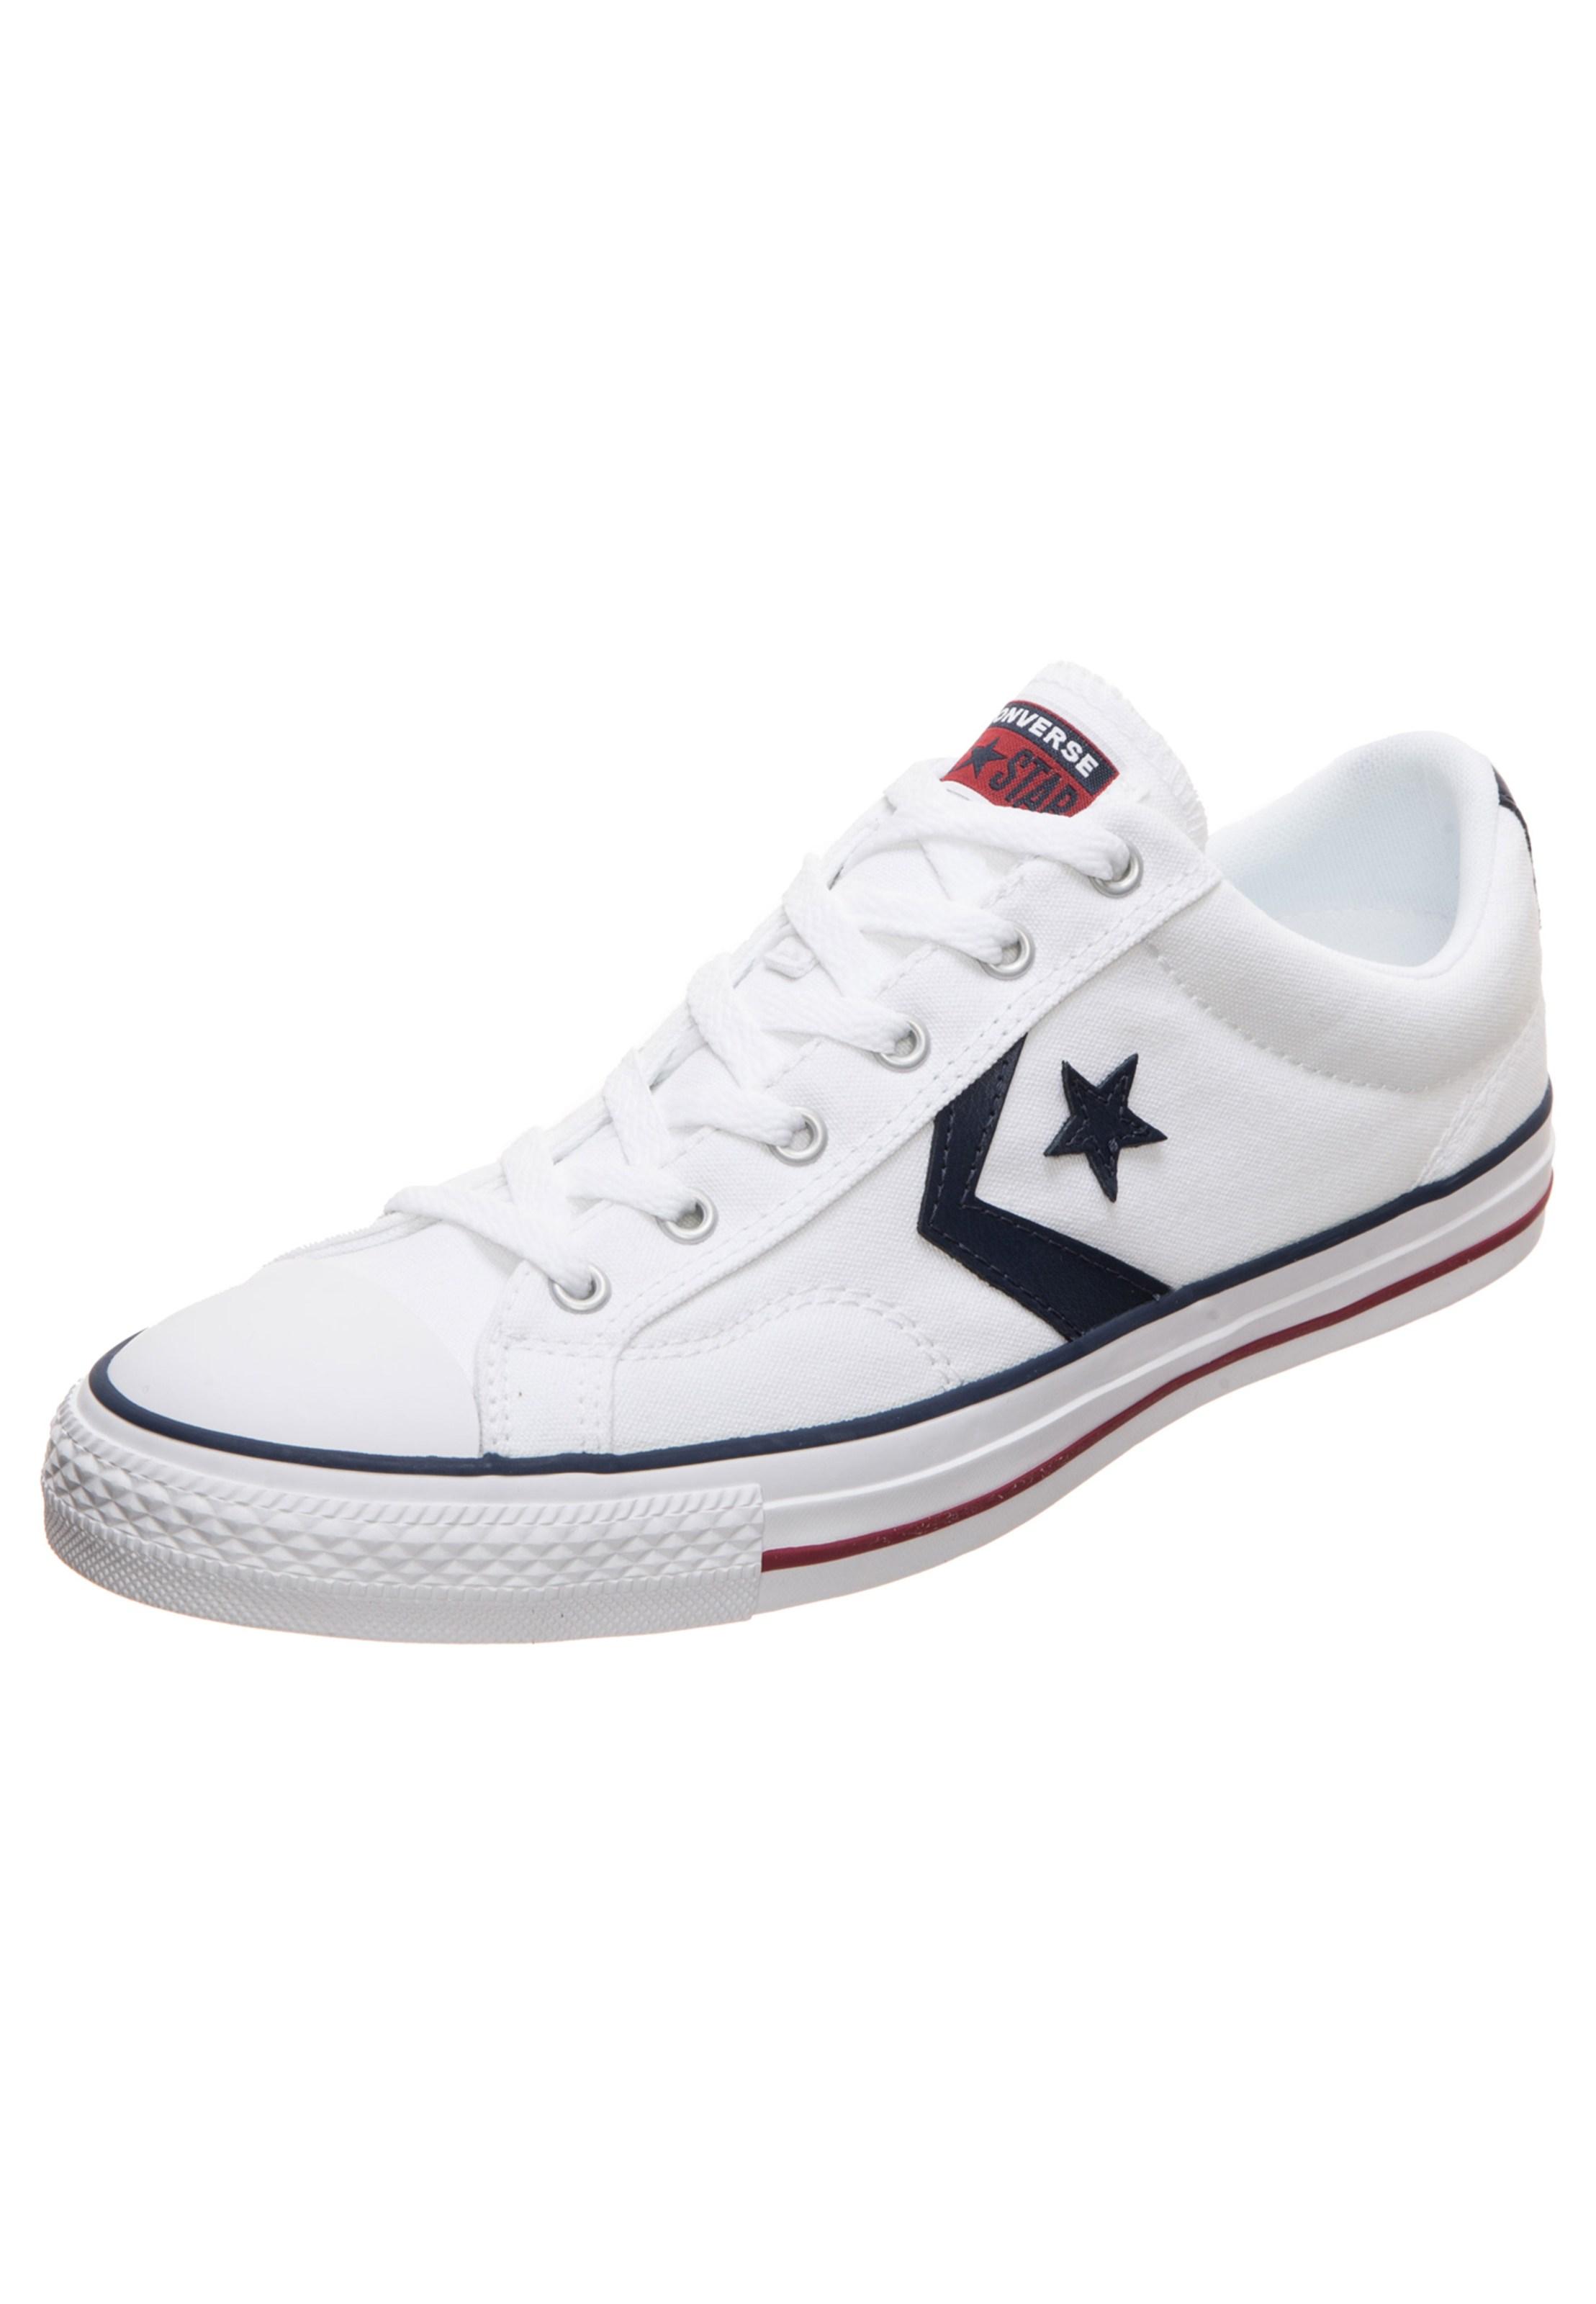 ... Tenisky  Star Player Ox  noční modrá   bílá. -10%. CONVERSE ... 7c61e172b83